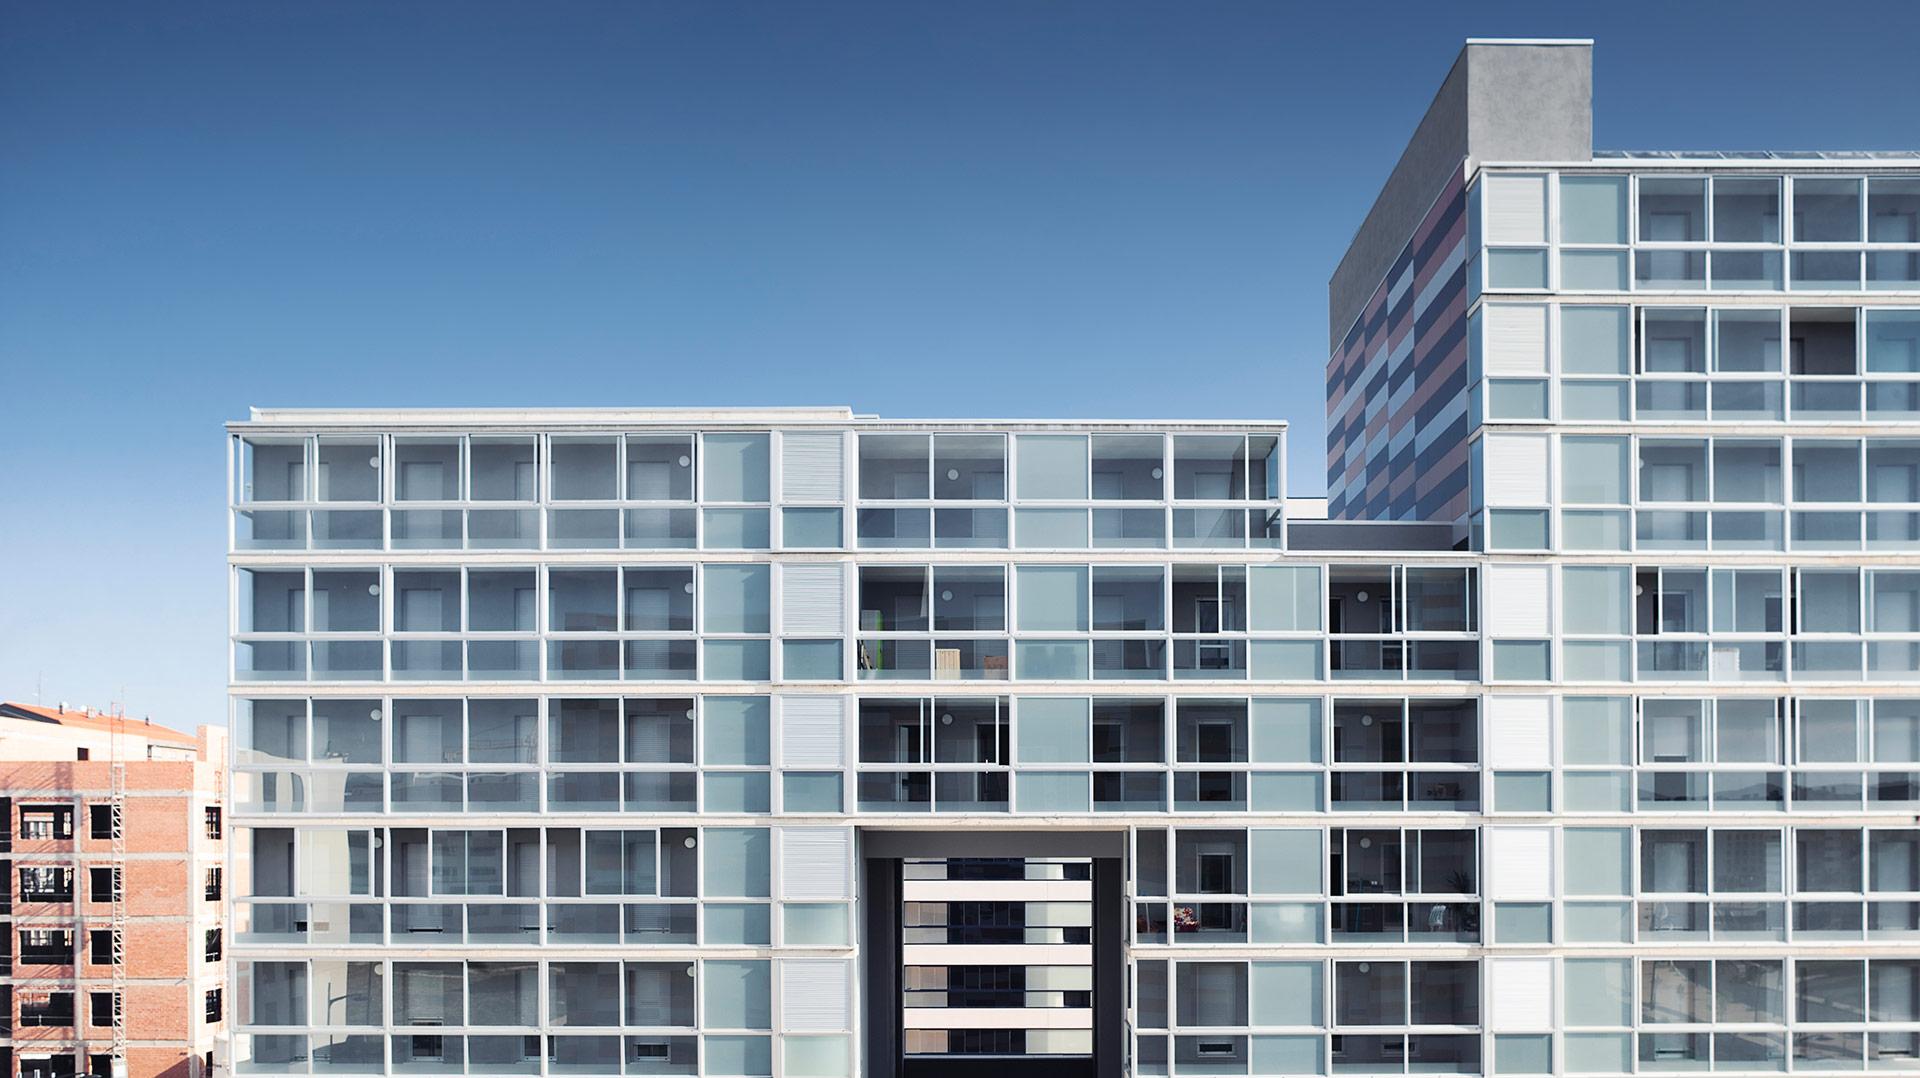 84-viviendas-VPO-en-Borinbizkarra-Proyecto-ByEarquitectos-Pamplona-Navarra-00-Portada